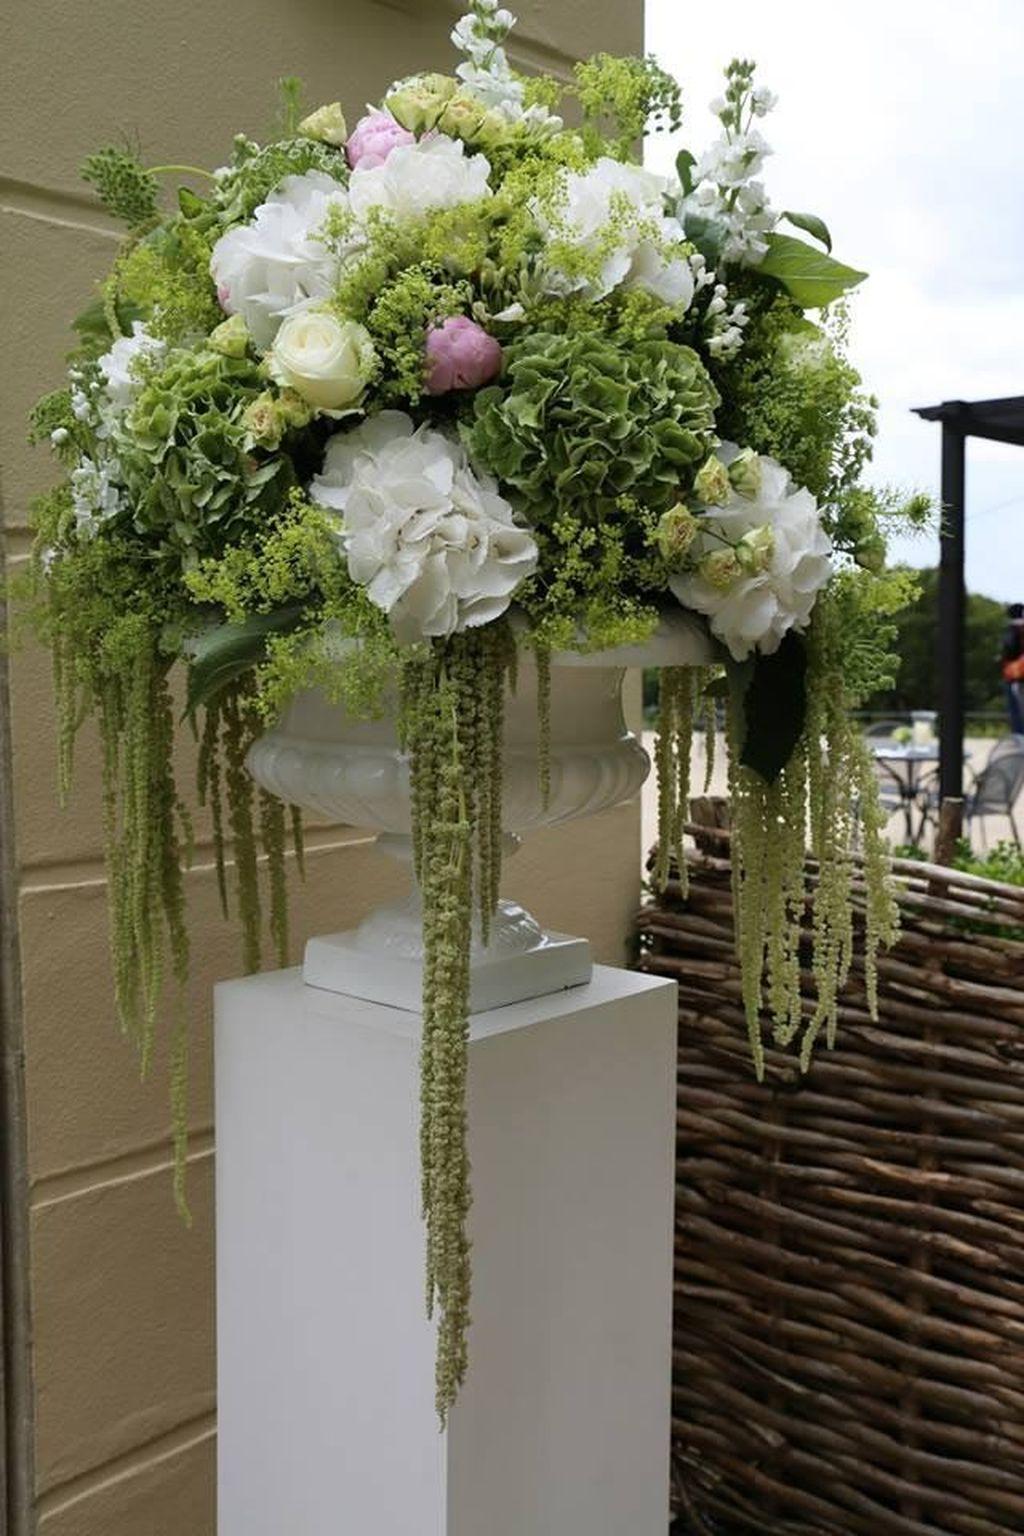 Amazing Unique Flower Arrangements Ideas For Your Home Decor 03